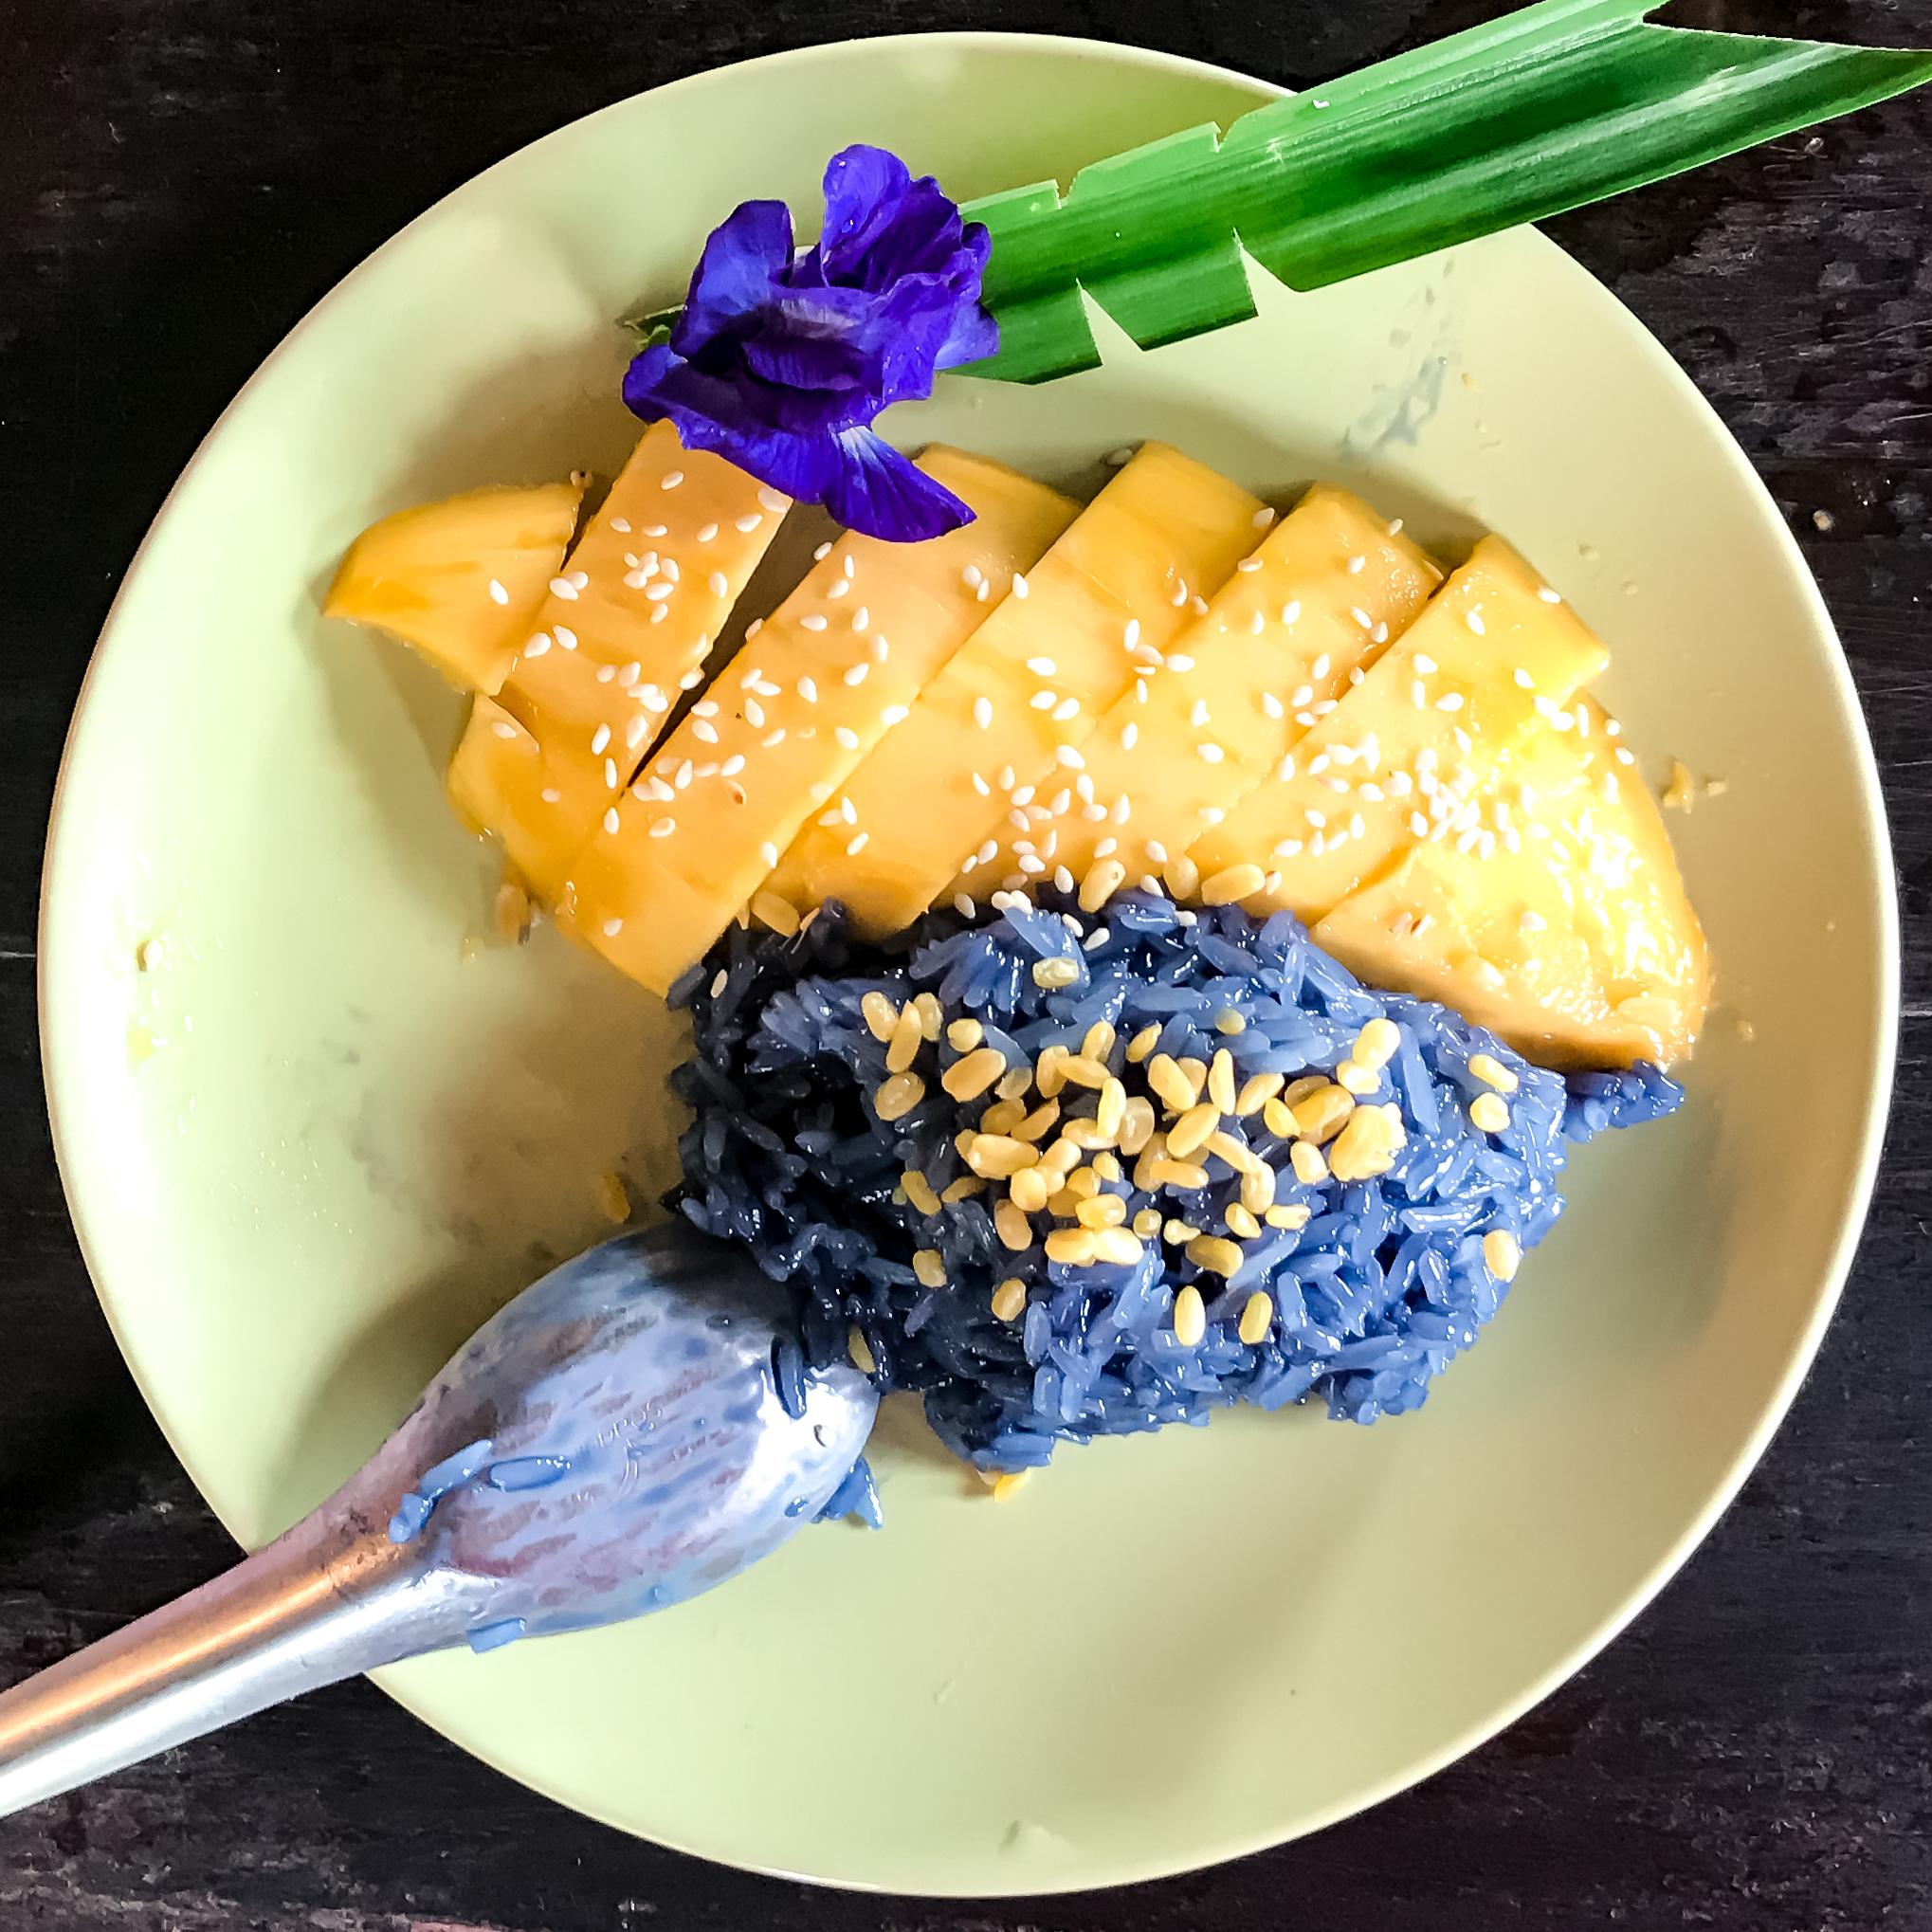 Thai Cooking School Post (43 of 43).jpg